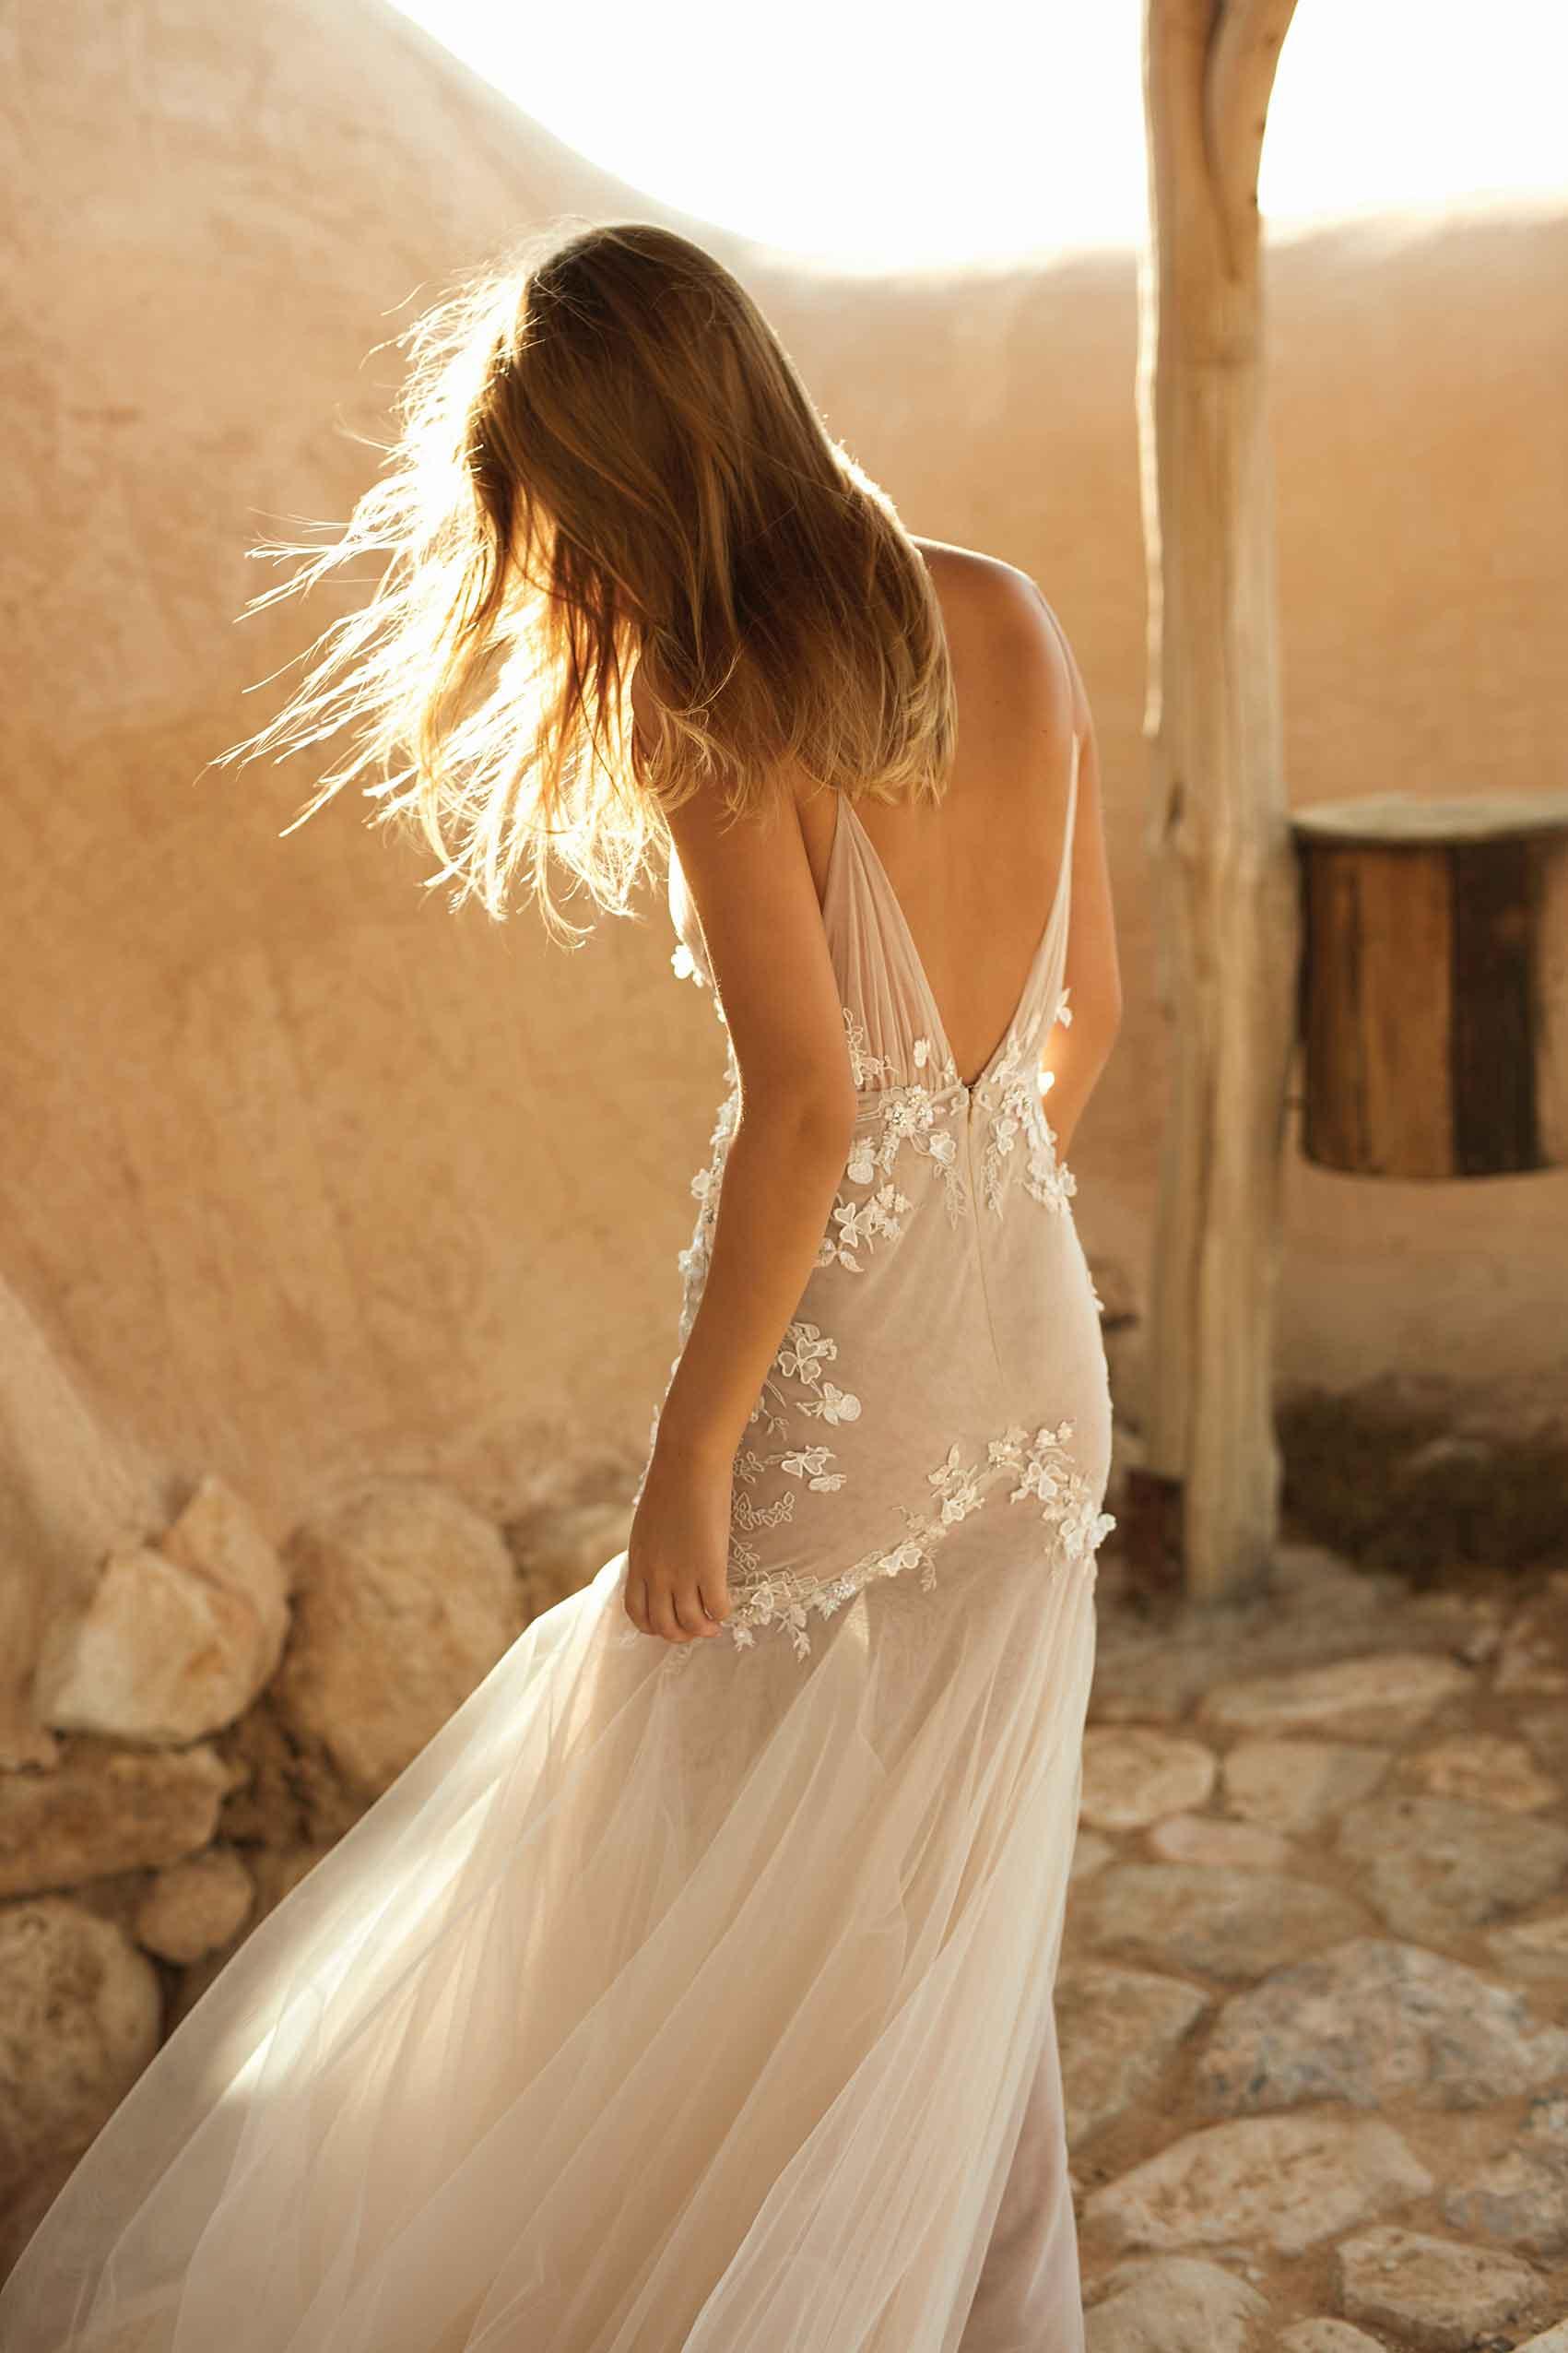 סופיה_מצטנר_ליז_מרטינז_שמלות_כלה_2021_מגזין_אופנה